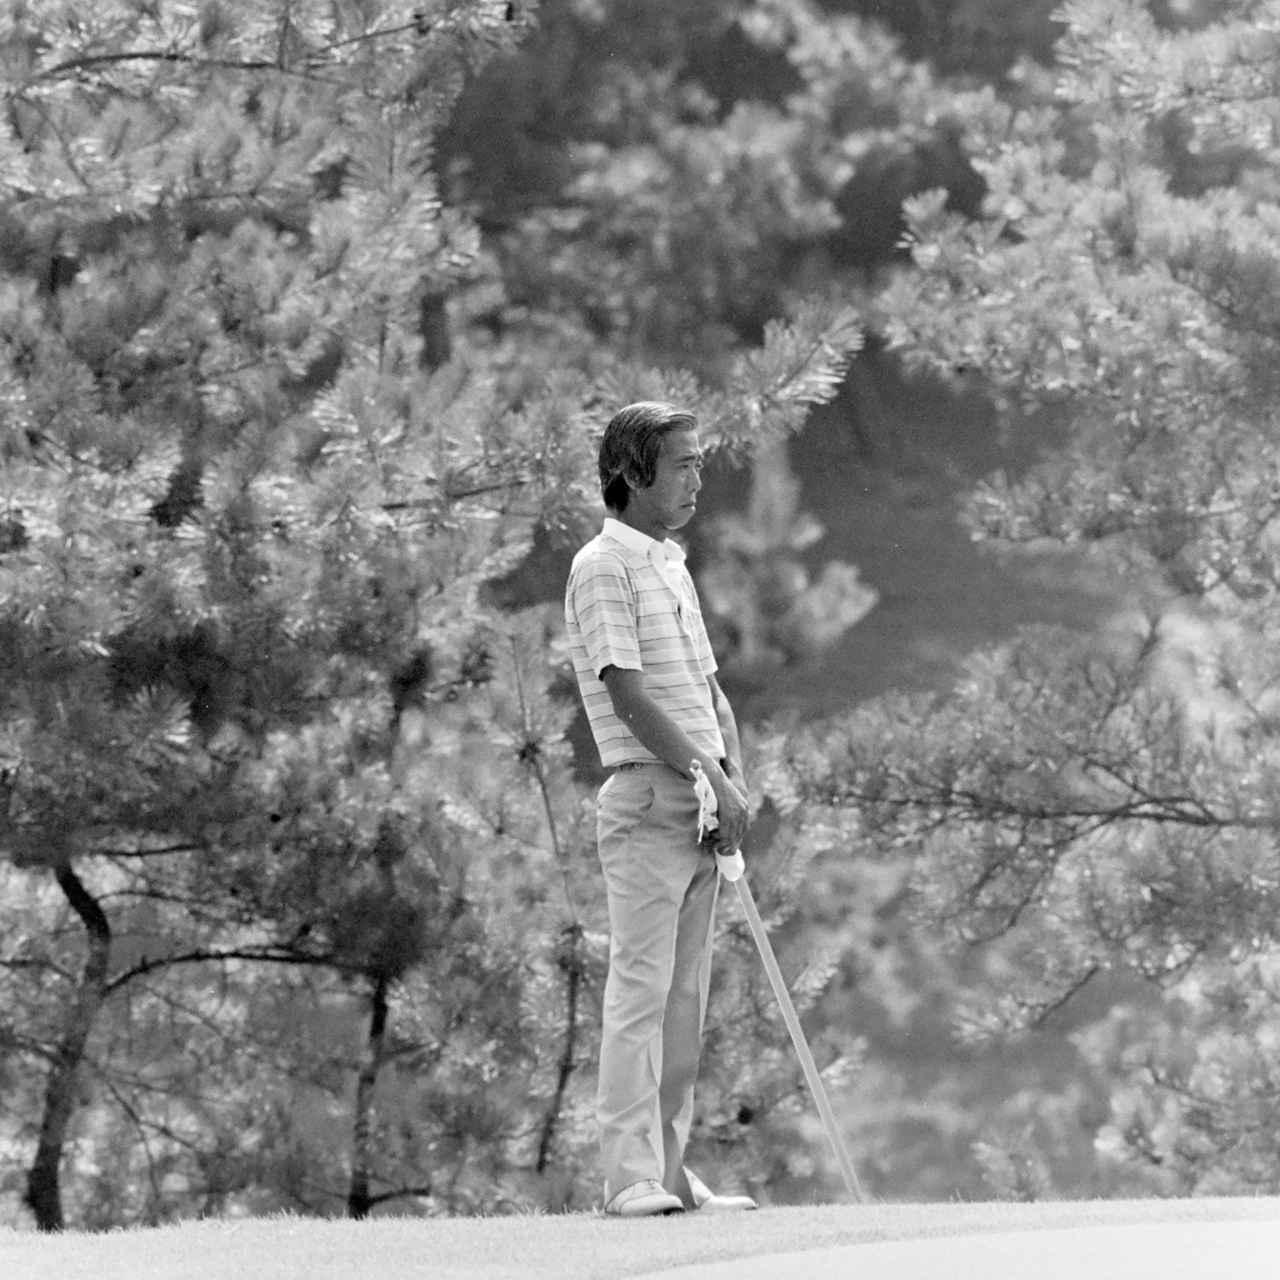 画像: 【伝説の名勝負。ヒーローの足跡】茨木カンツリー倶楽部。アマの中のアマ中部銀次郎、最後の日本アマ1984年 - ゴルフへ行こうWEB by ゴルフダイジェスト